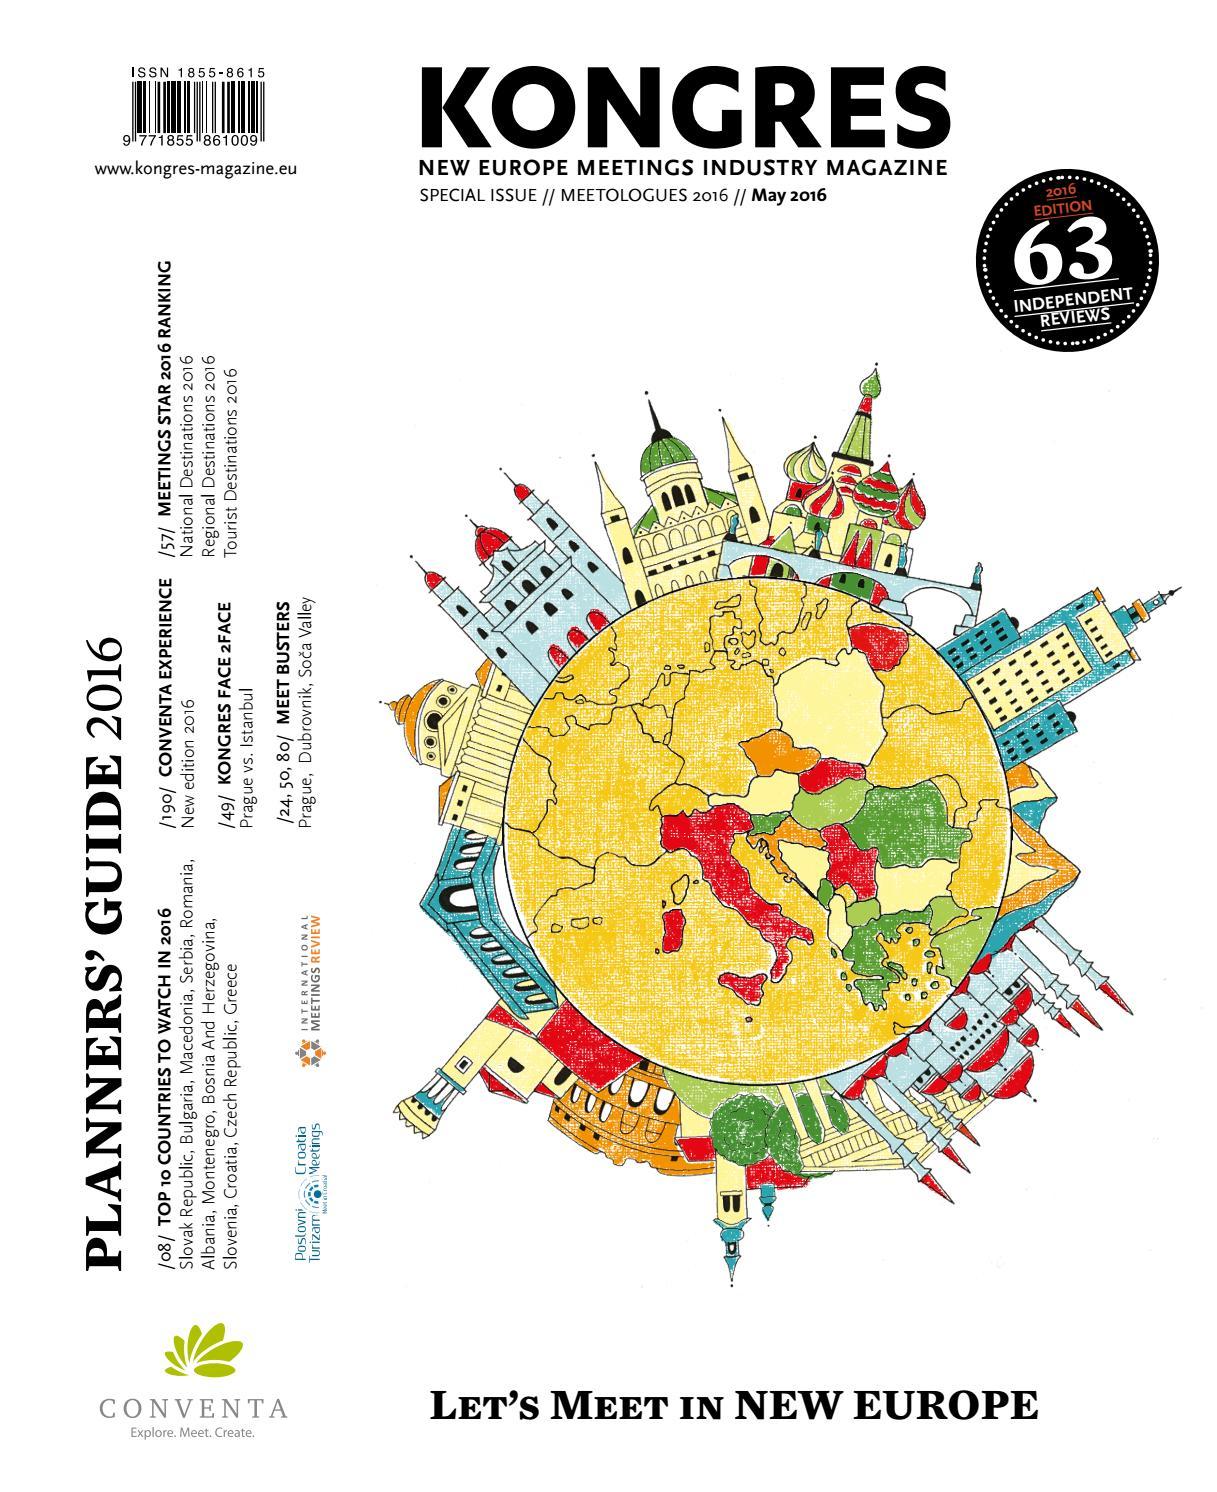 Kongres Magazine Mtlg2016 By Issuu Cmp Ballast Wiring Diagram